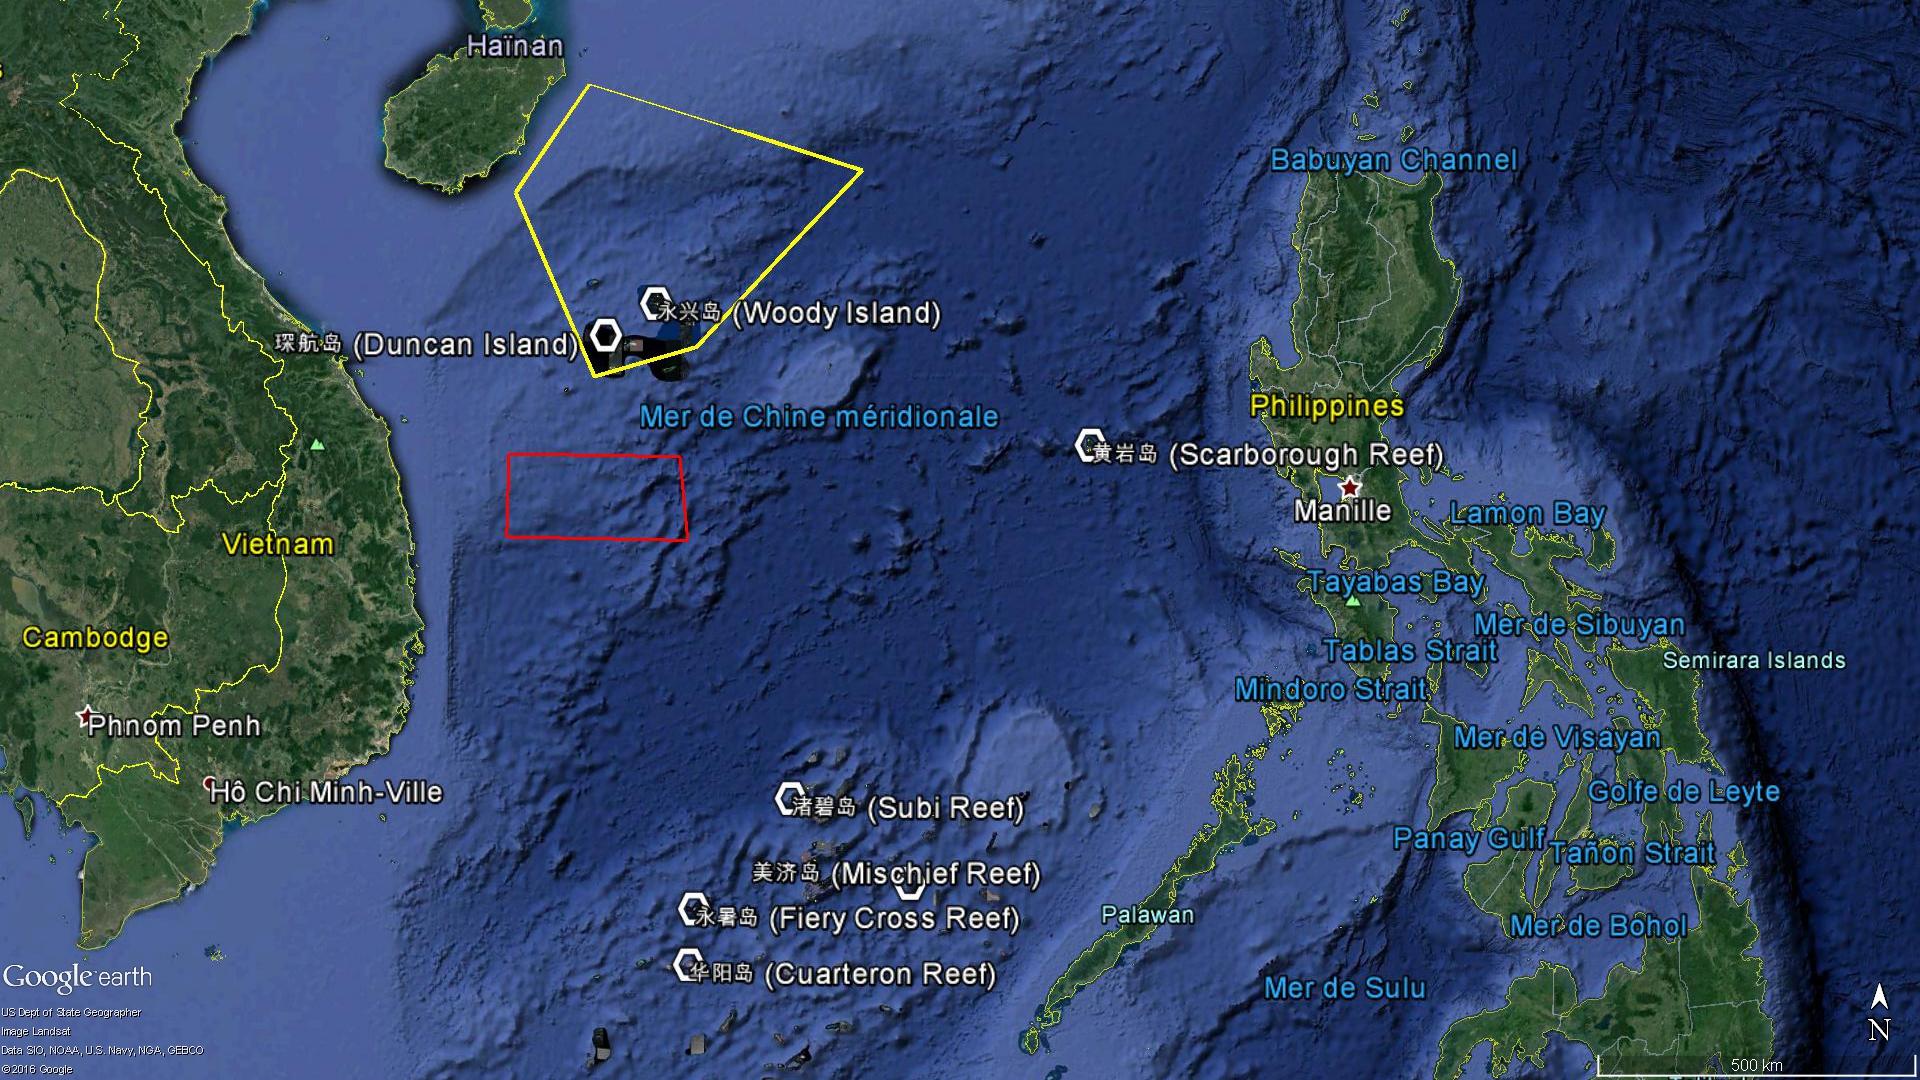 L'exercice chinois (en jaune), l'opération vietnamienne (en rouge), et les Spratleys.